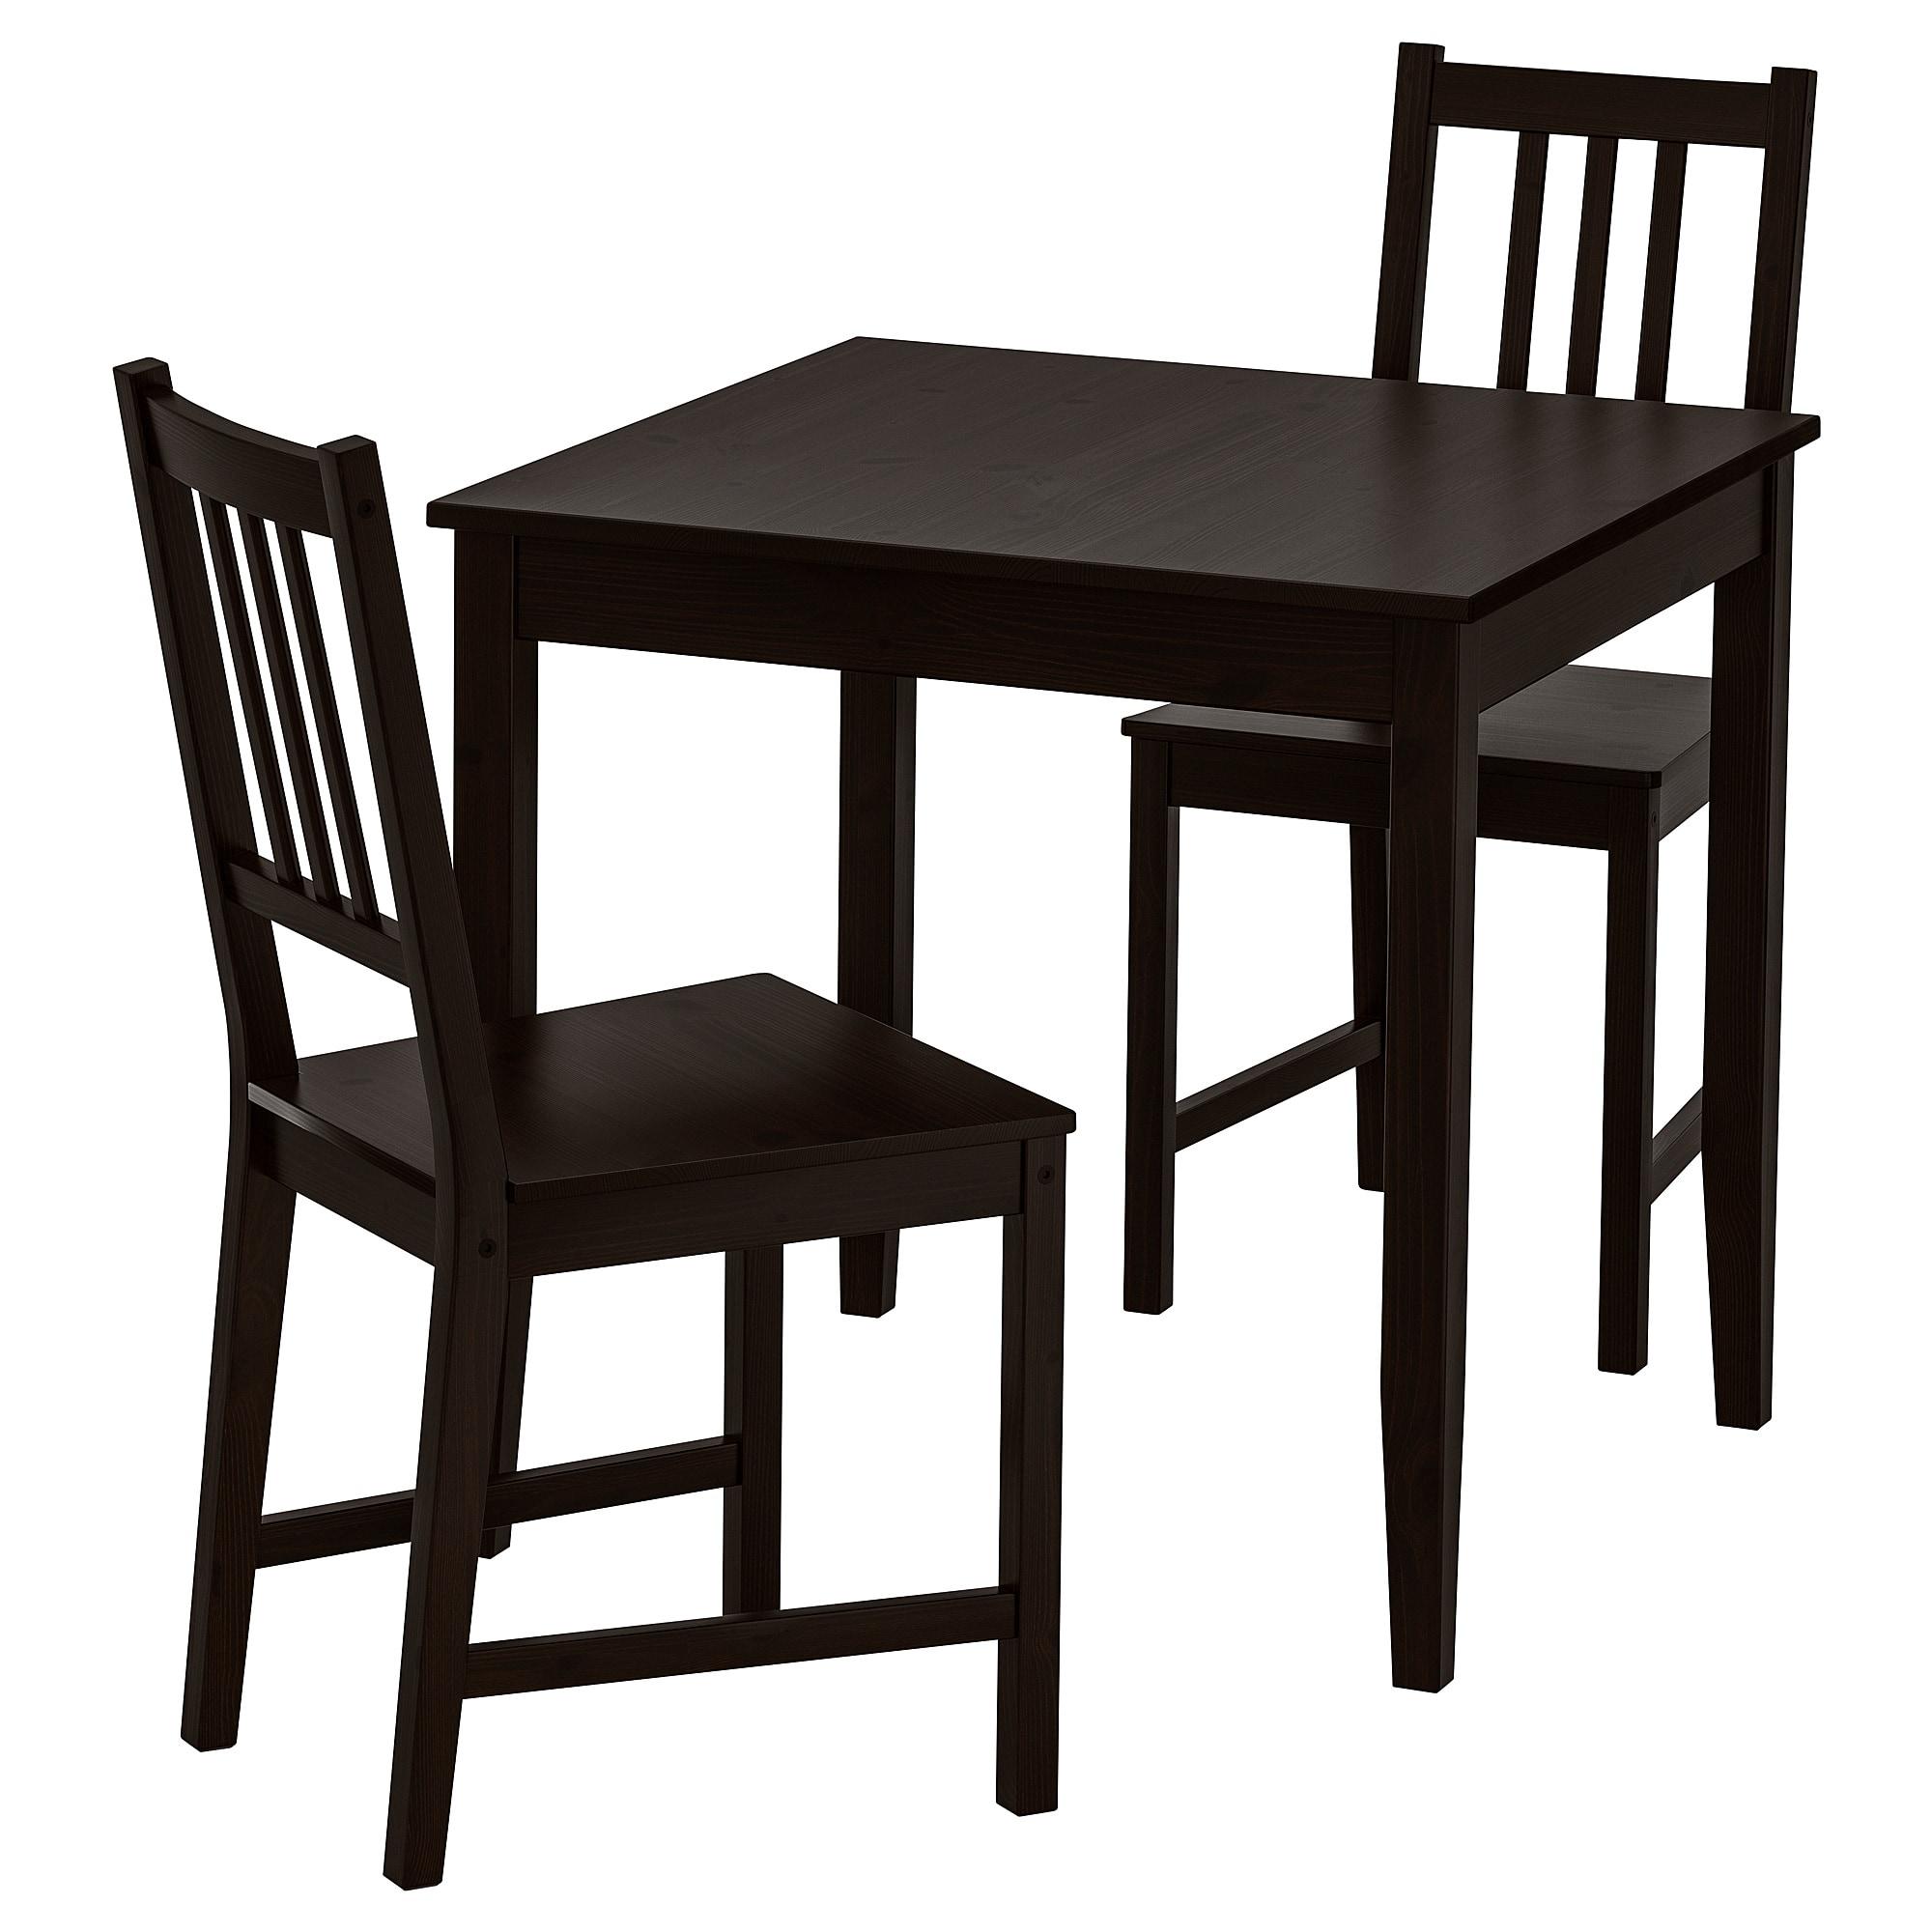 Стол и 2 стула ЛЕРХАМН / СТЕФАН коричнево-чёрный артикуль № 092.968.94 в наличии. Online сайт IKEA Республика Беларусь. Быстрая доставка и монтаж.